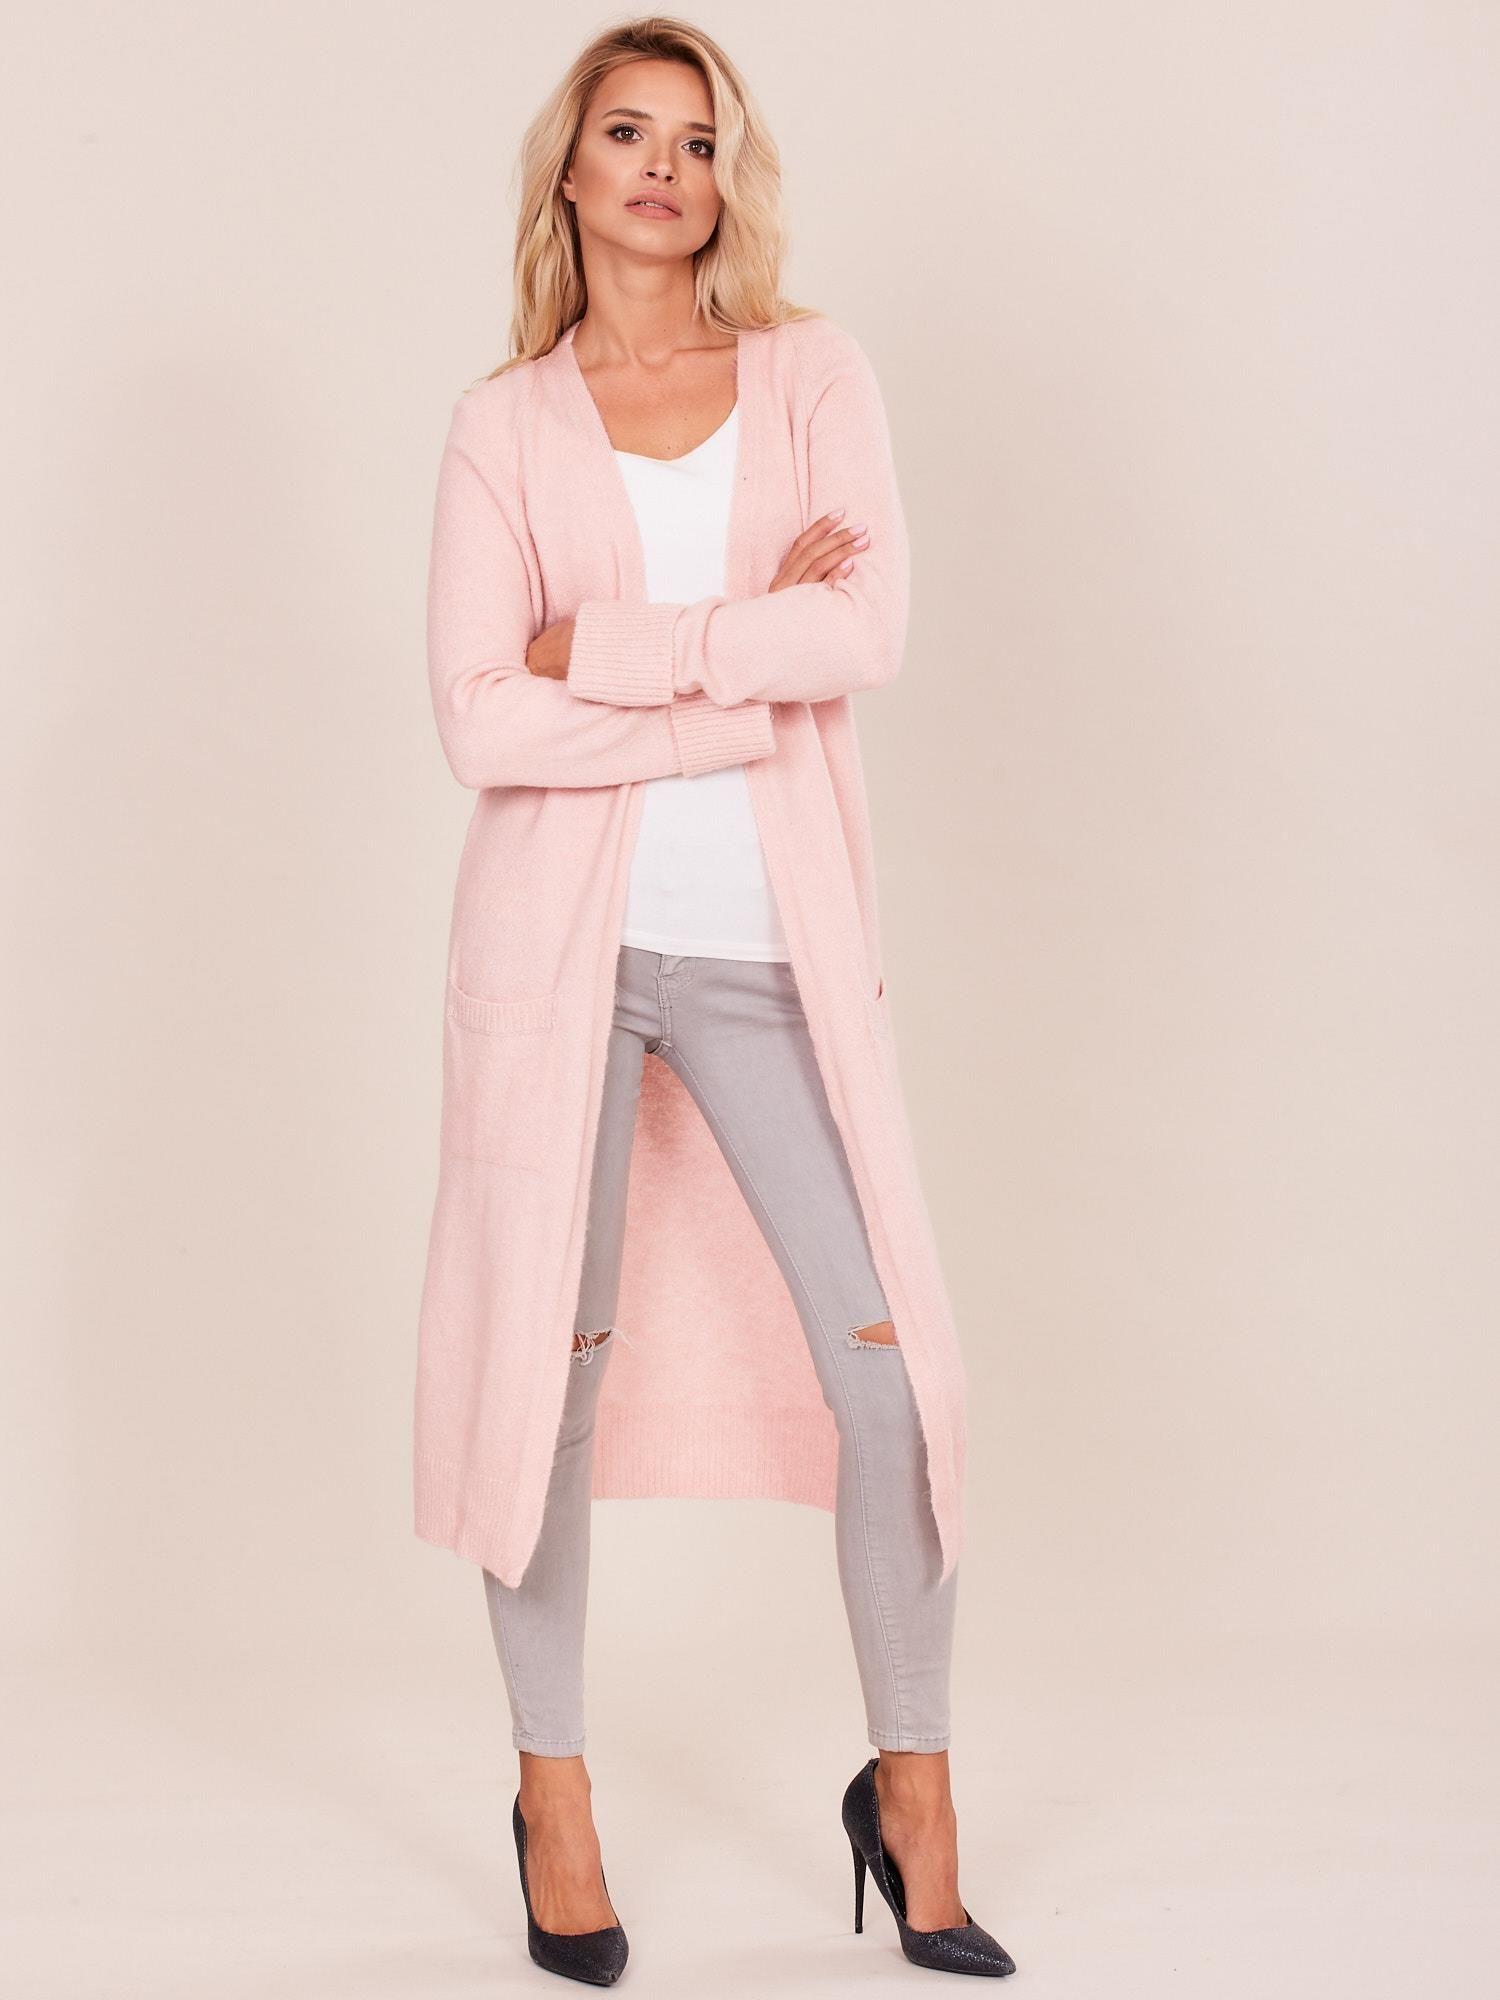 f8723f96aedd99 Jasnoróżowy długi sweter damski - Sweter długi - sklep eButik.pl